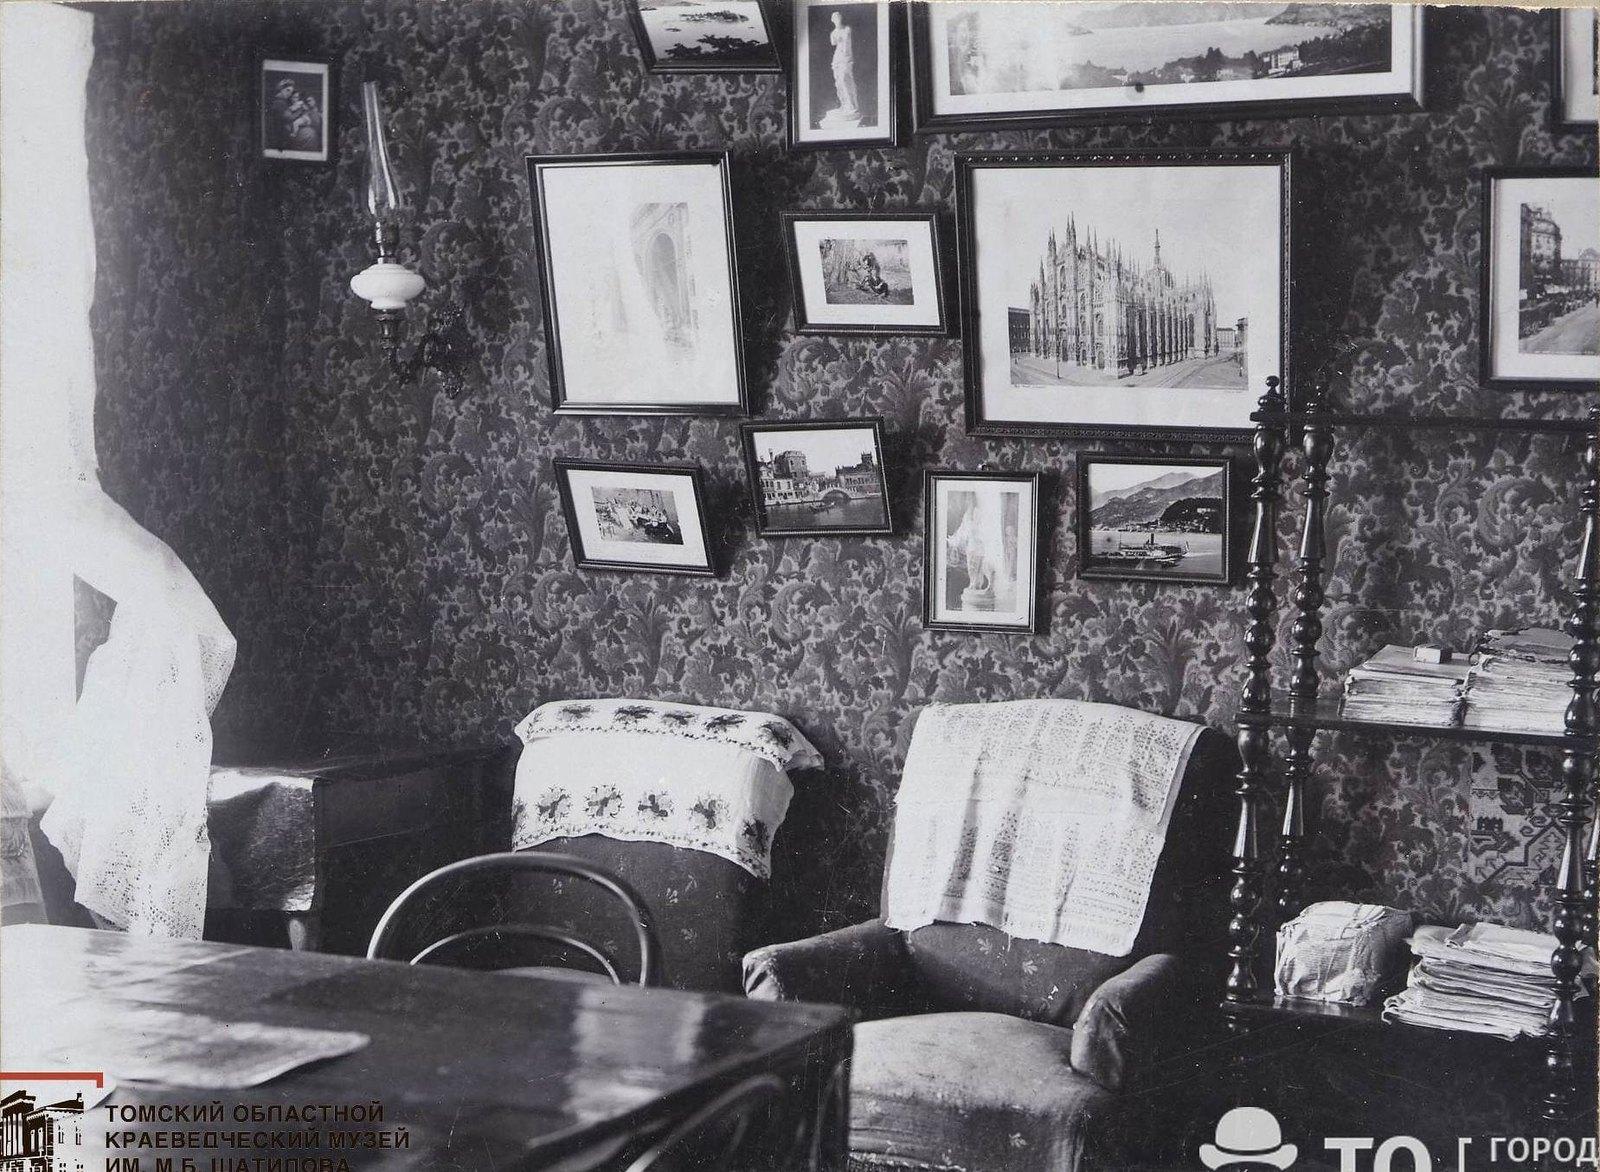 Гостиная в квартире В.И. Семидалова